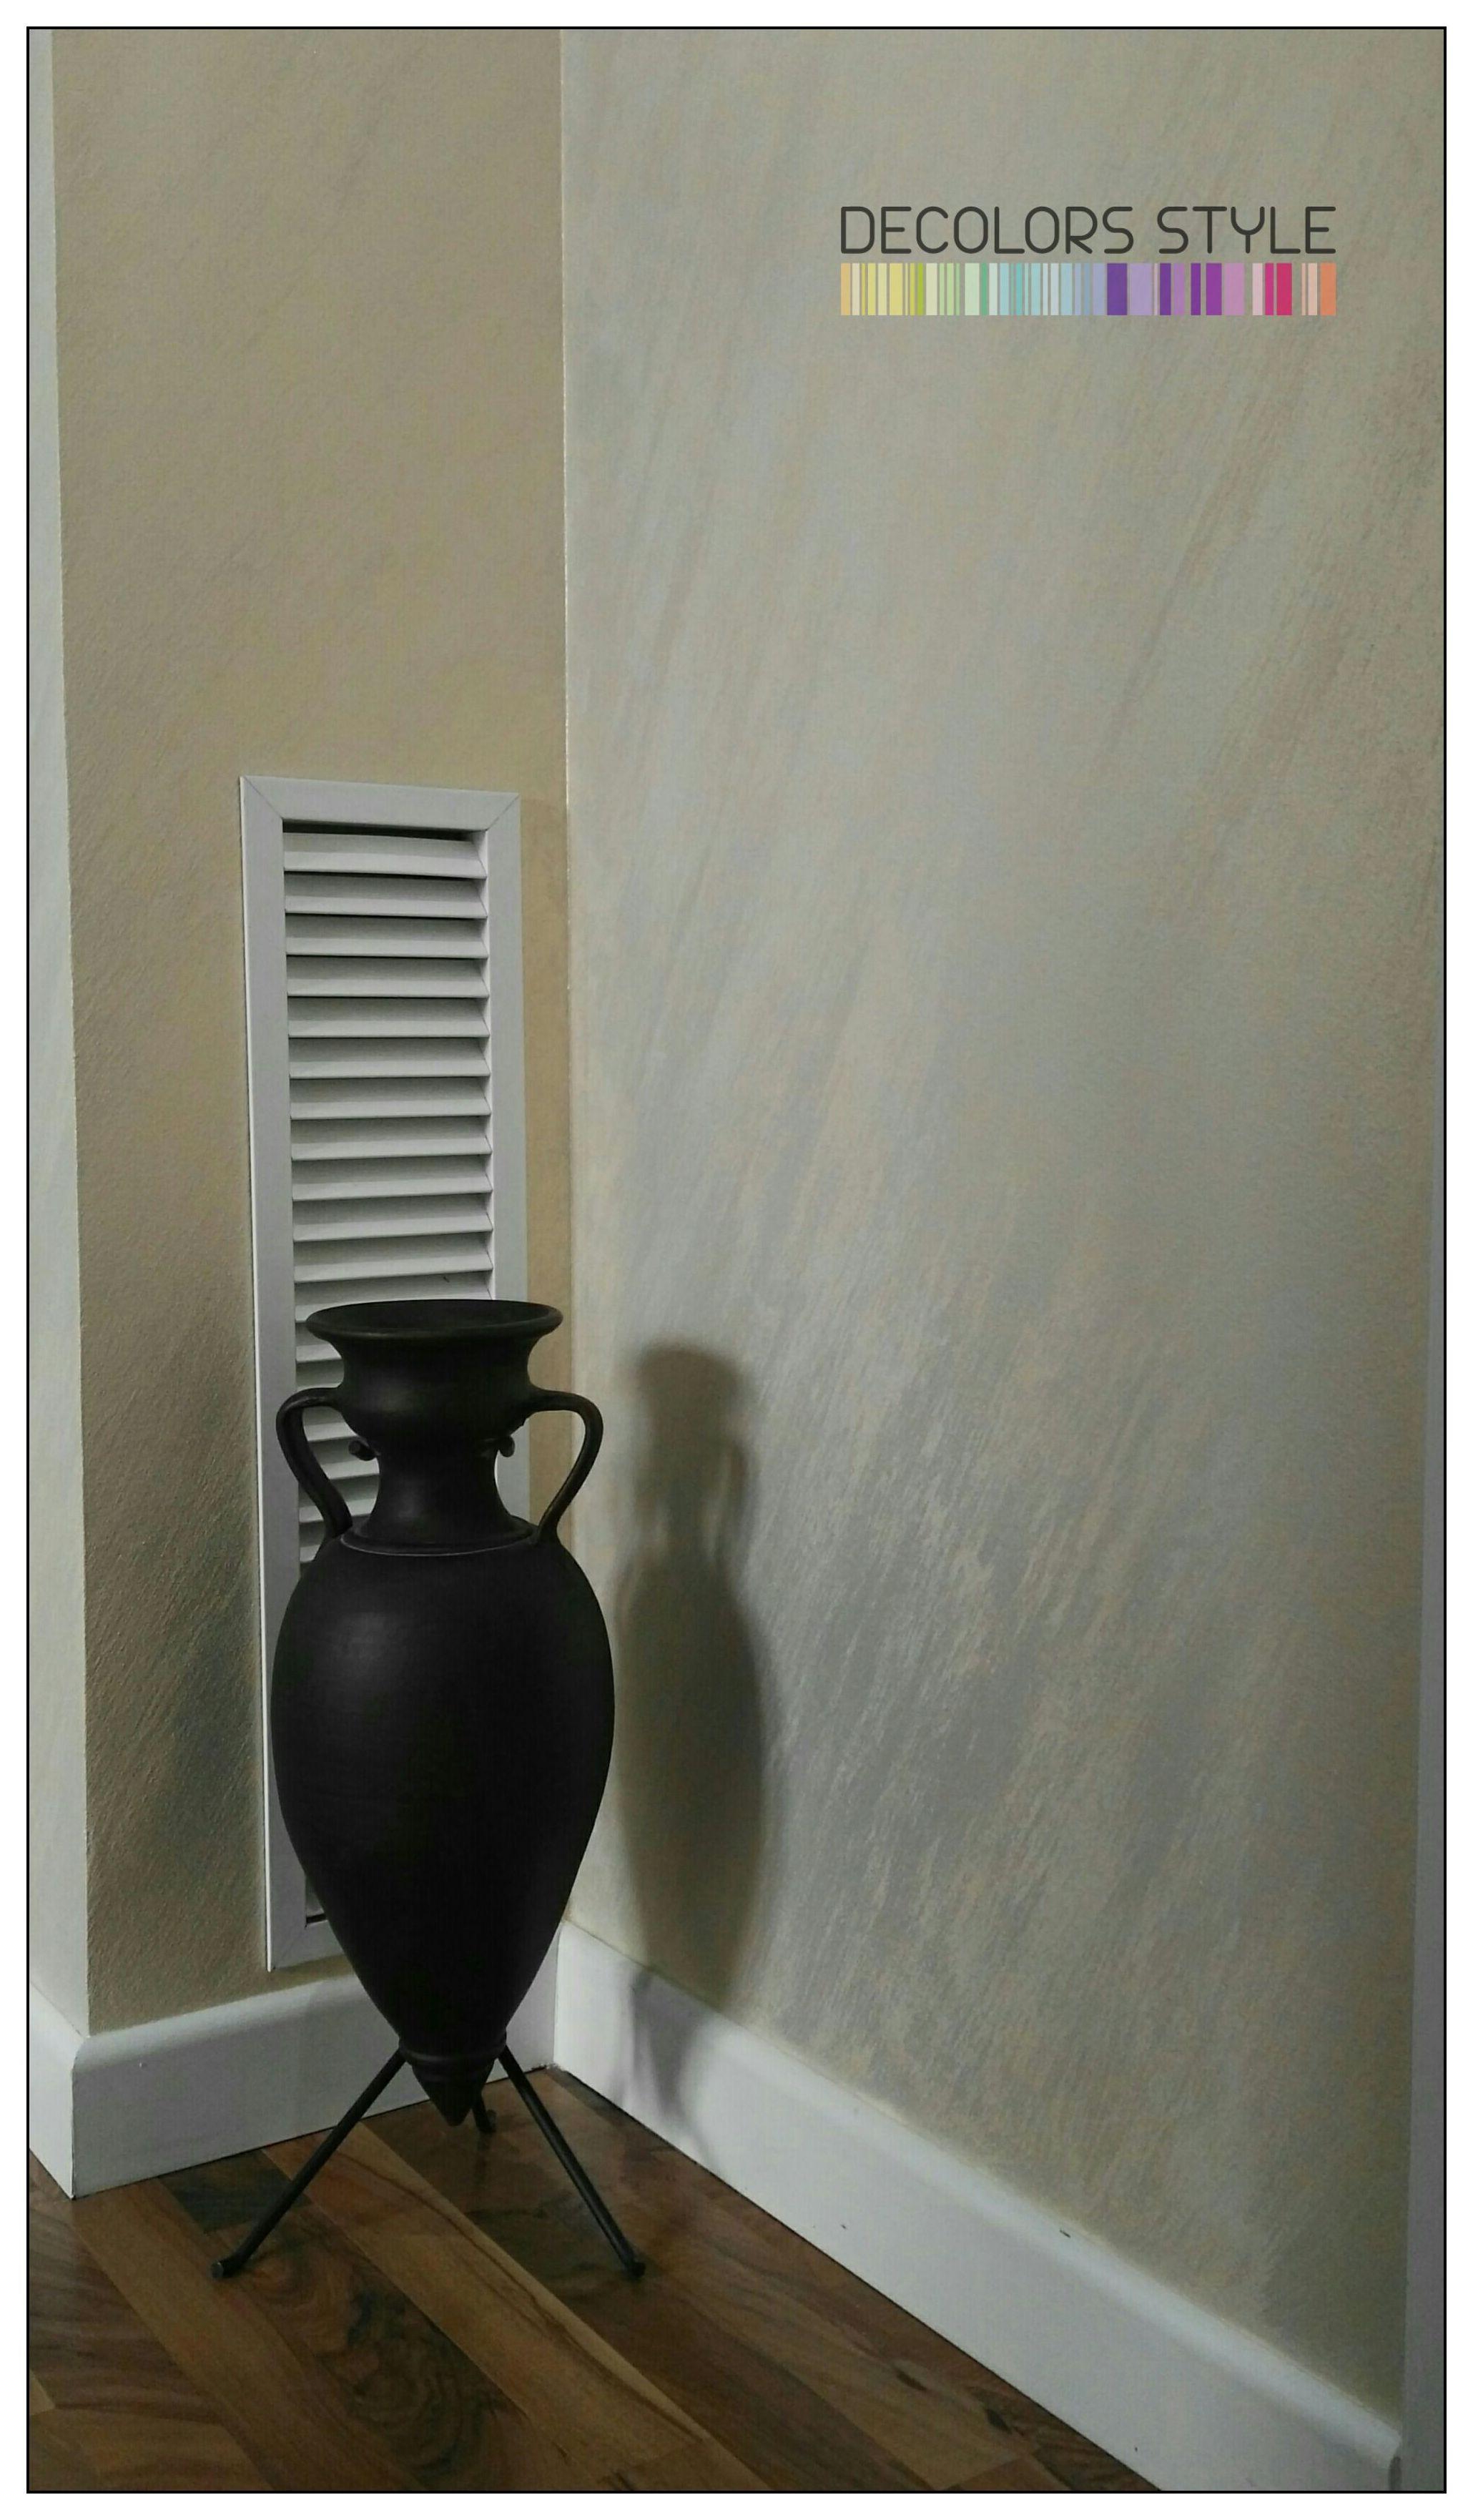 Foto 127 de Expertos en el sector de la pintura en Barcelona | Decolors Style